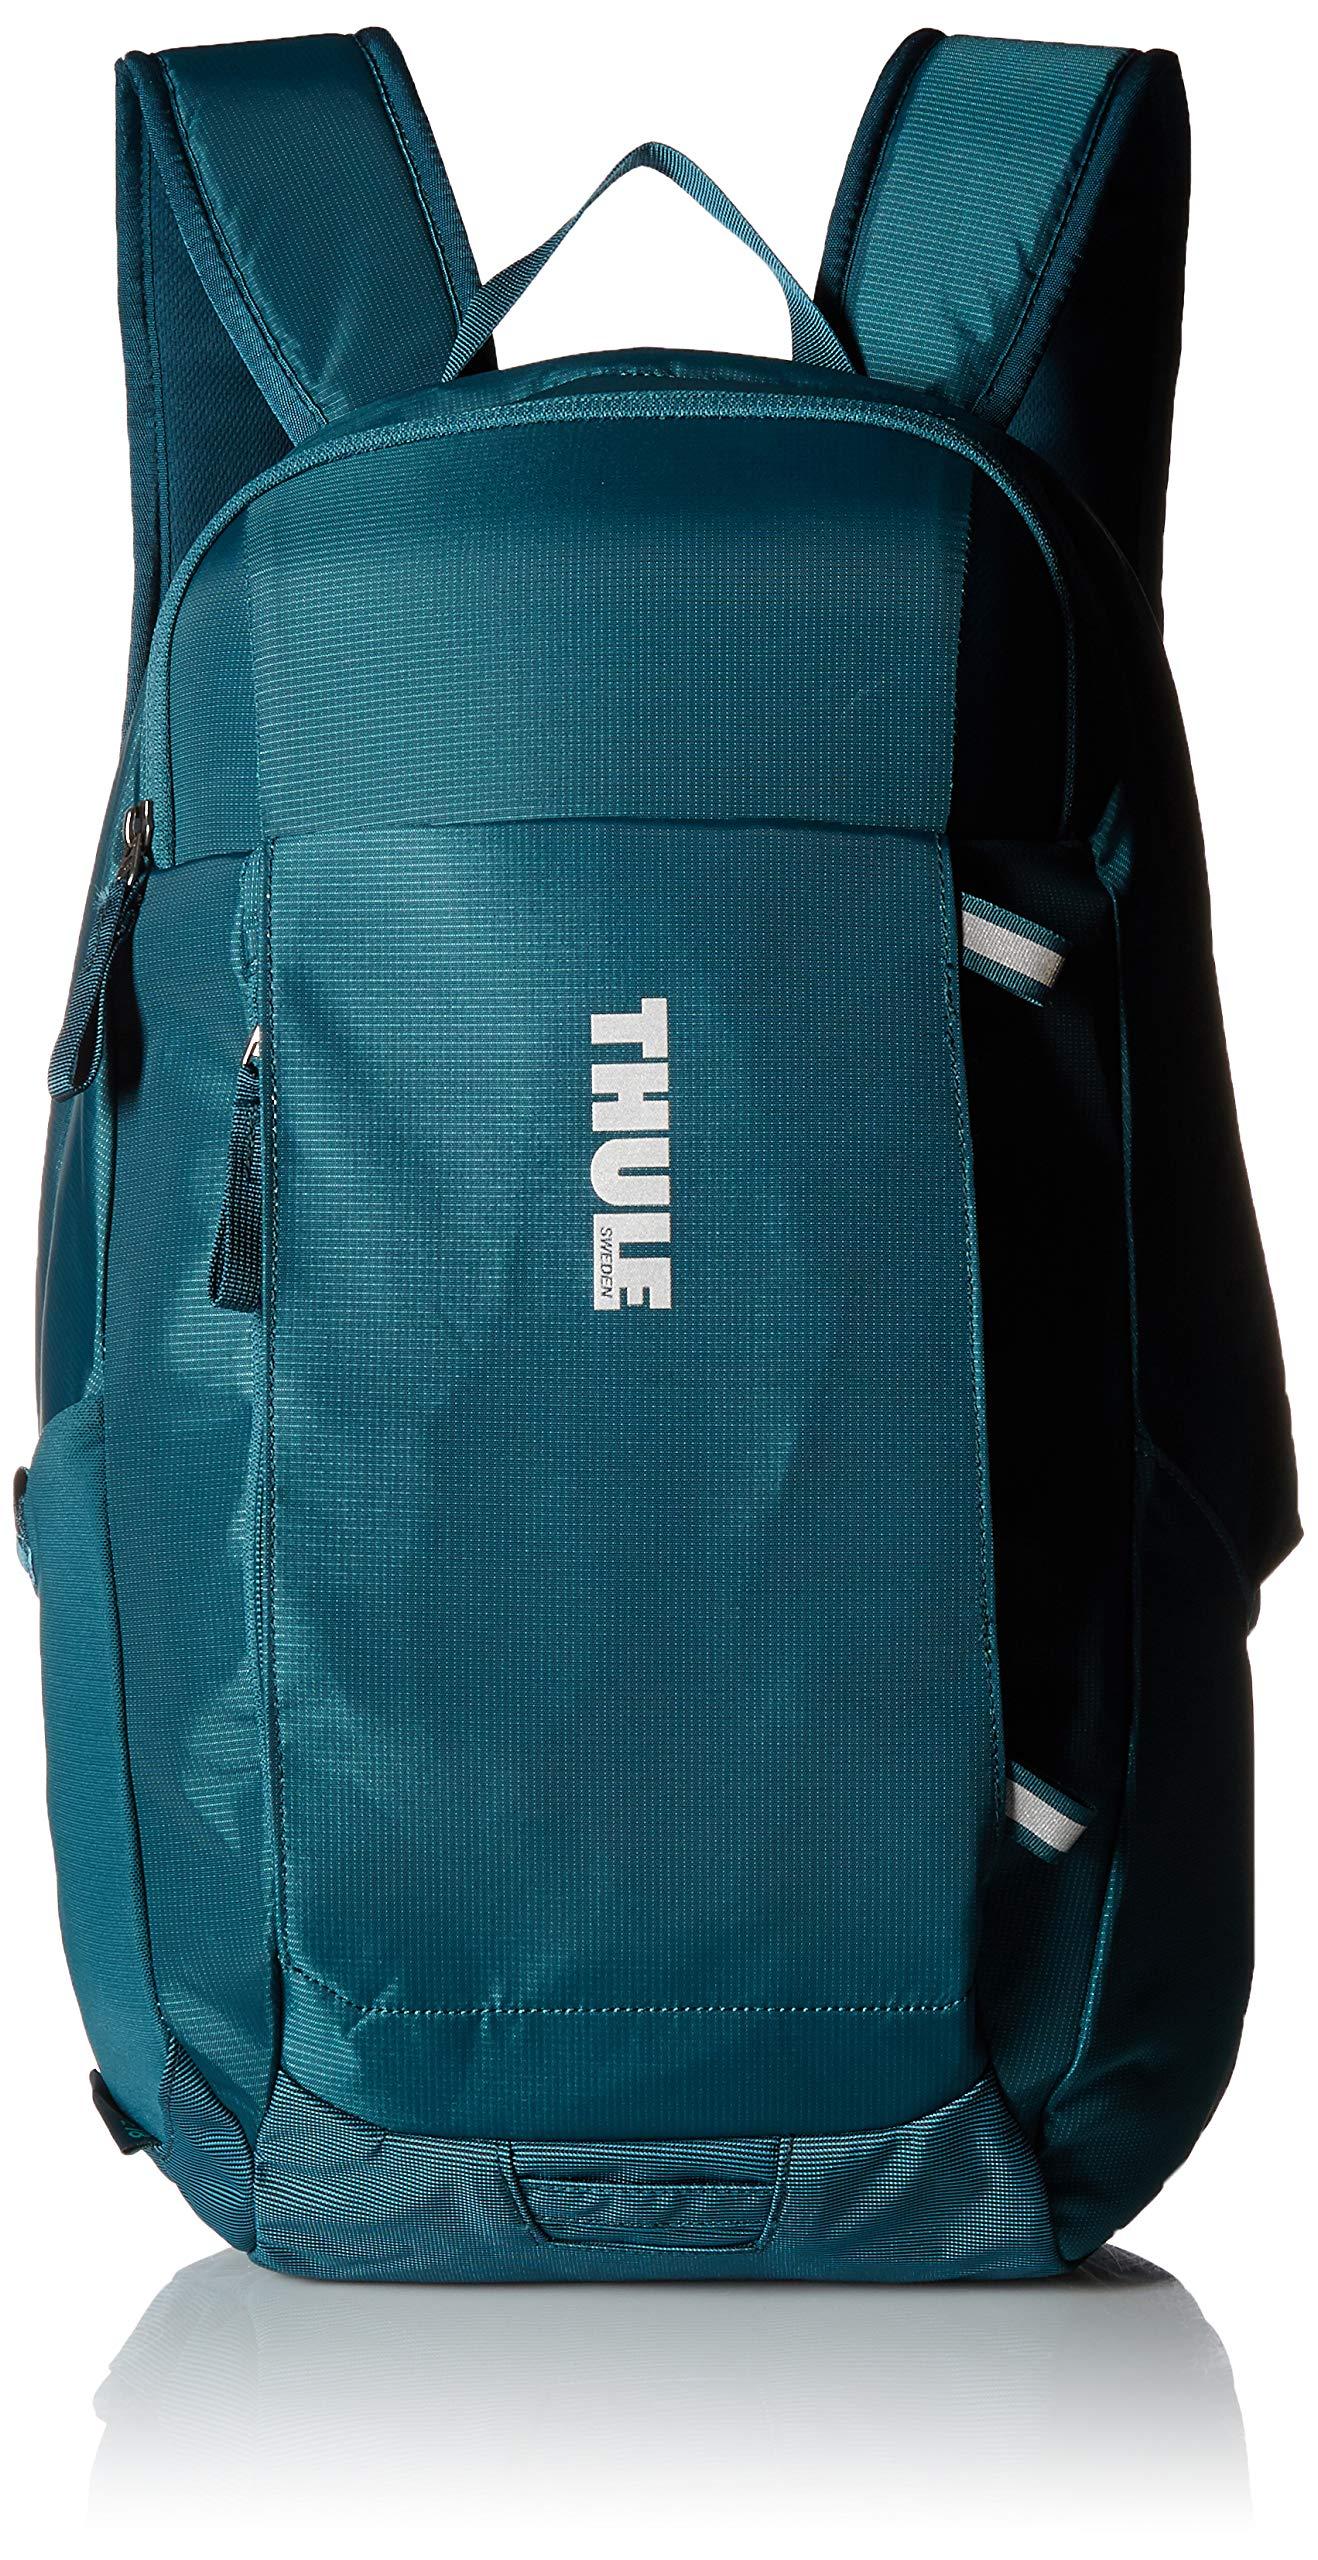 Thule EnRoute - Mochila de 18L, color turquesa: Amazon.es: Informática